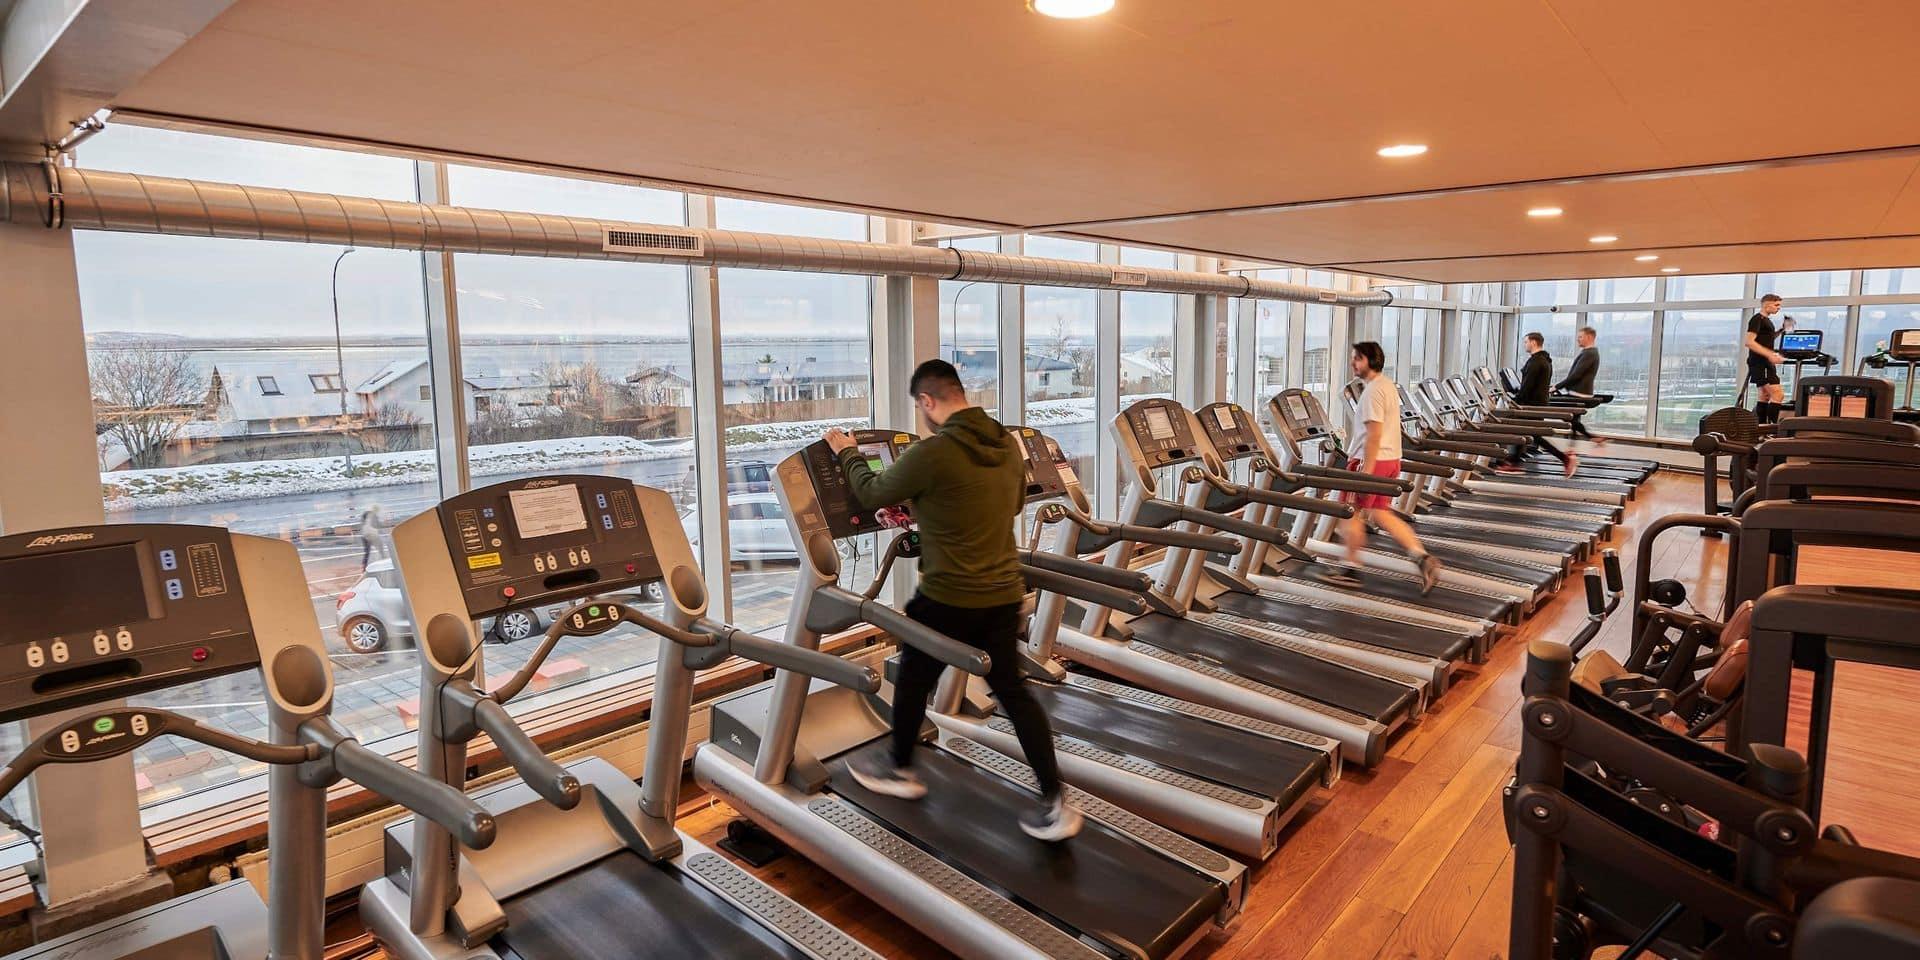 Les centres de fitness plaident pour une réouverture avec des règles strictes